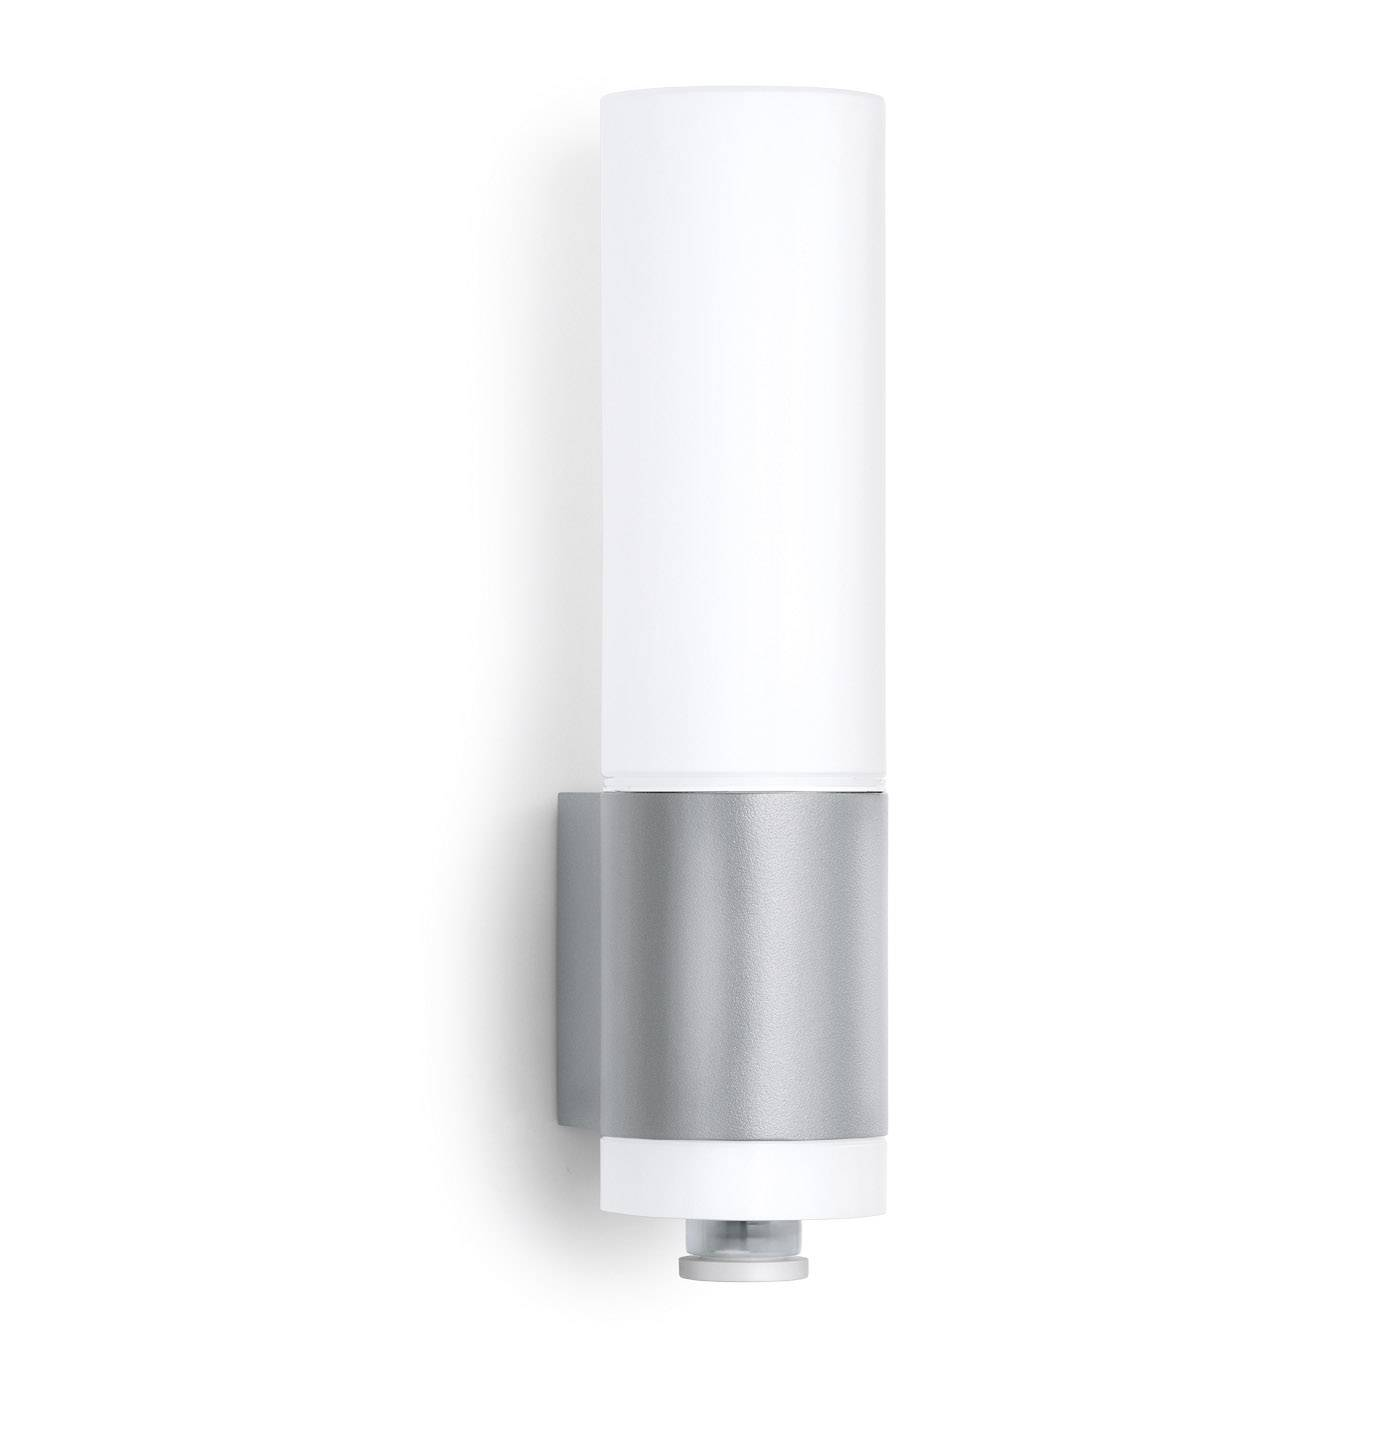 LEDvonkajšienástennéosvetleniesPIR senzorom 8.5 W teplá biela Steinel L 265 LED 007898 strieborná